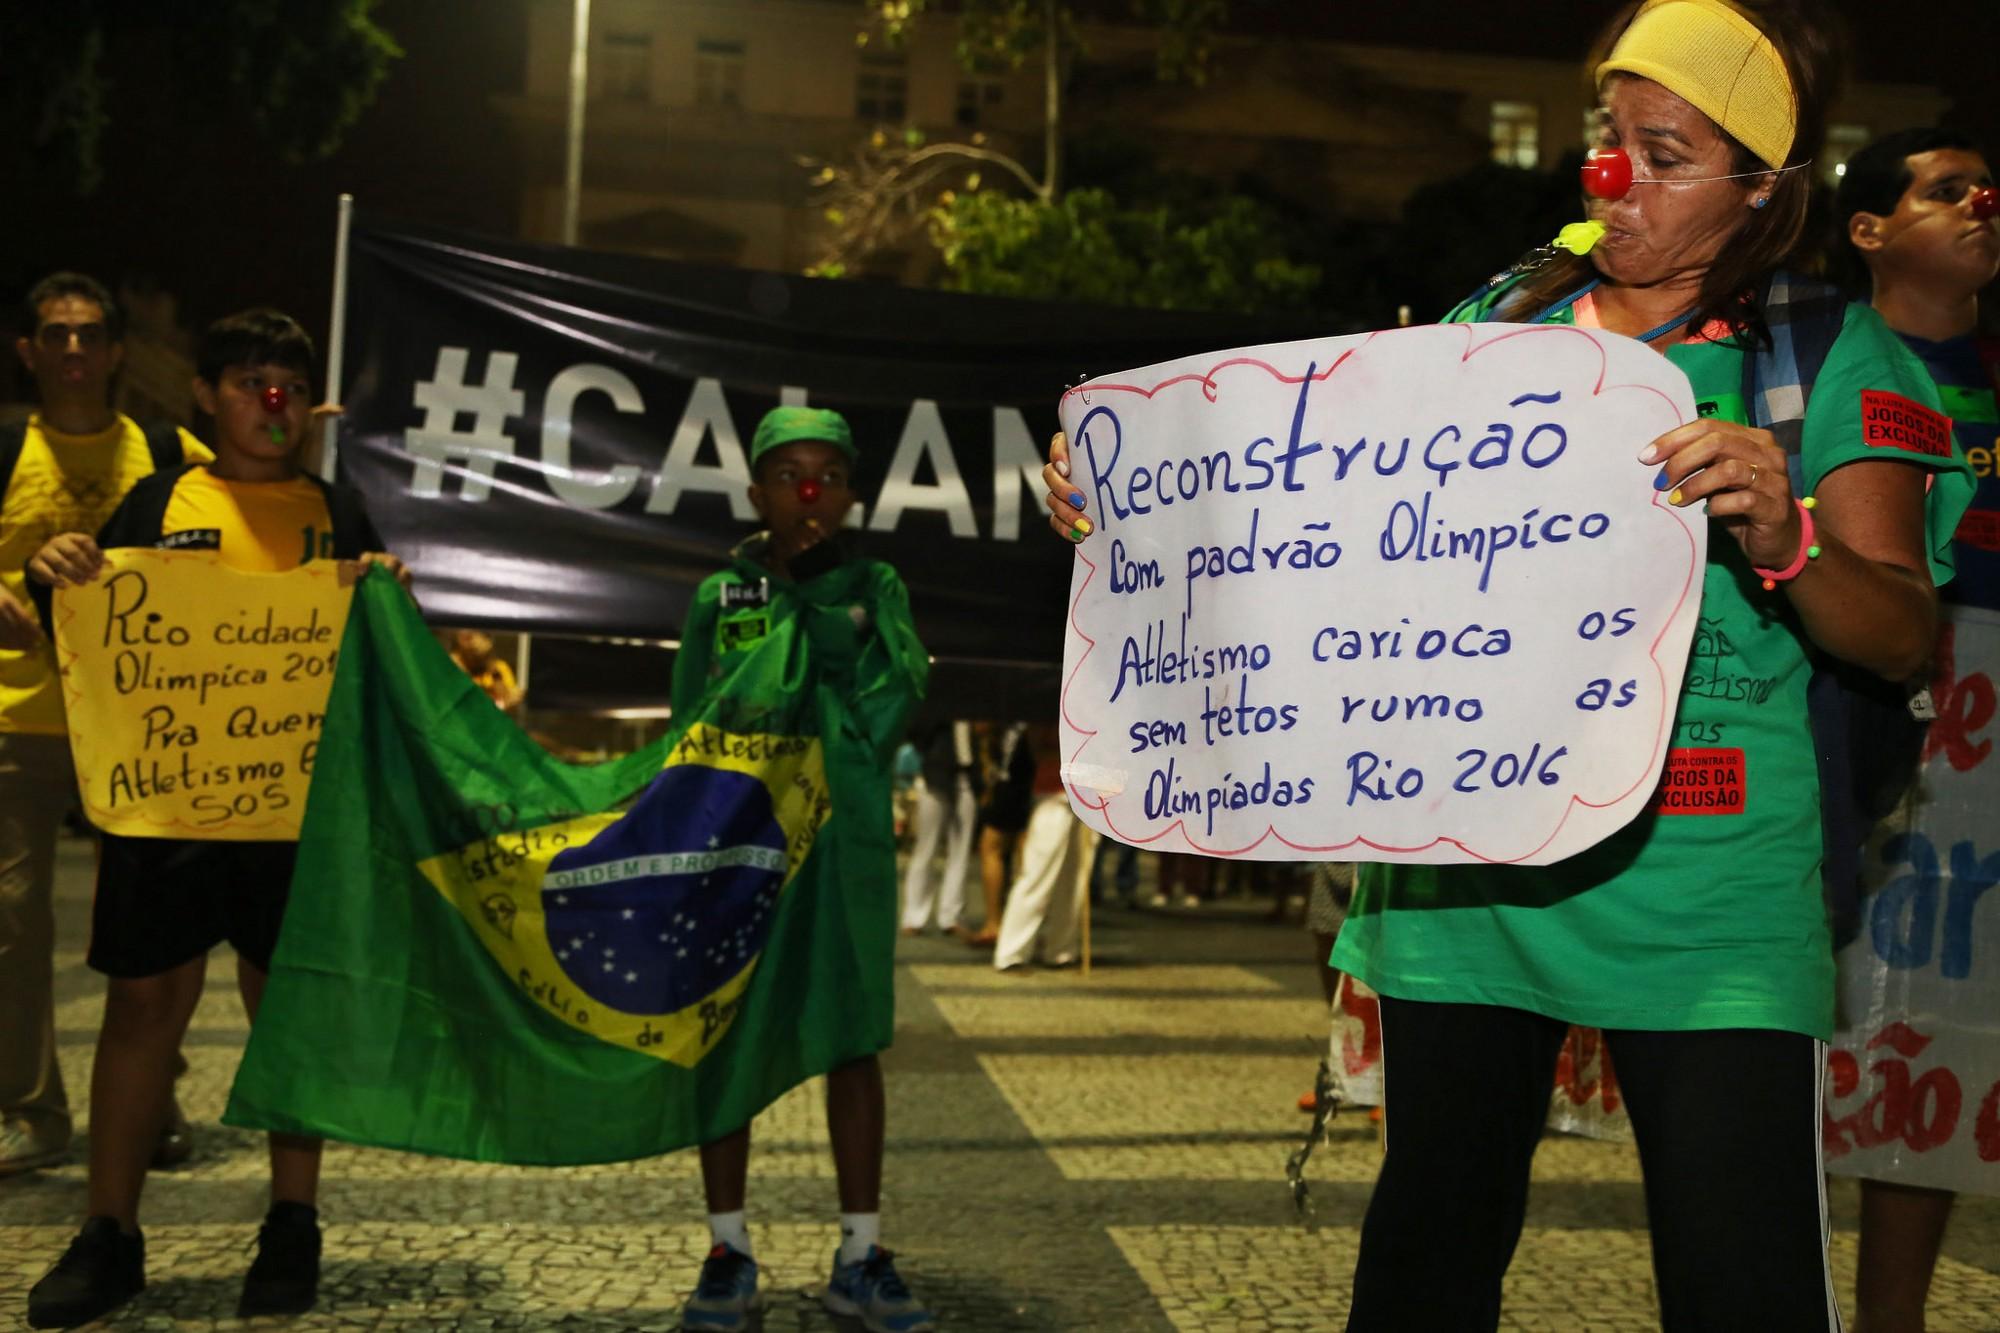 Marcha dos Atletas denuncia violações ao esporte no RJ